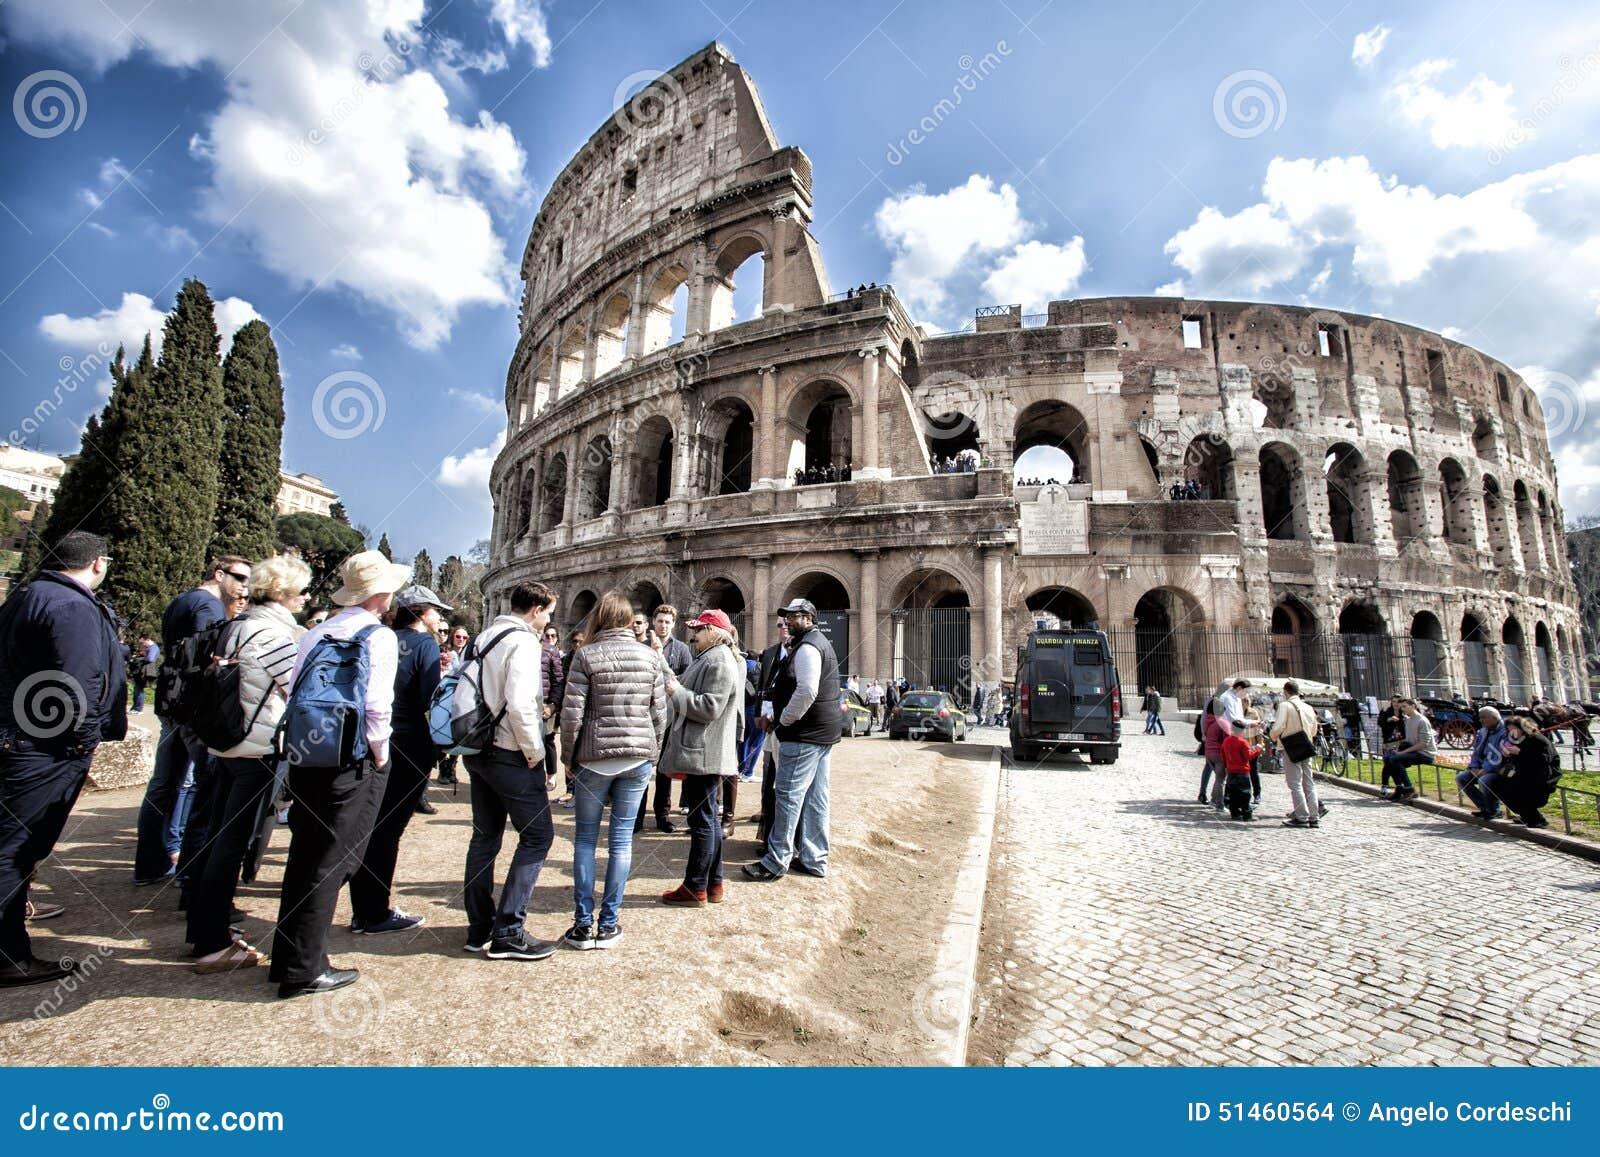 Colosseum известная Италия большинств взгляд rome места Группа туристов люди толпы HDR